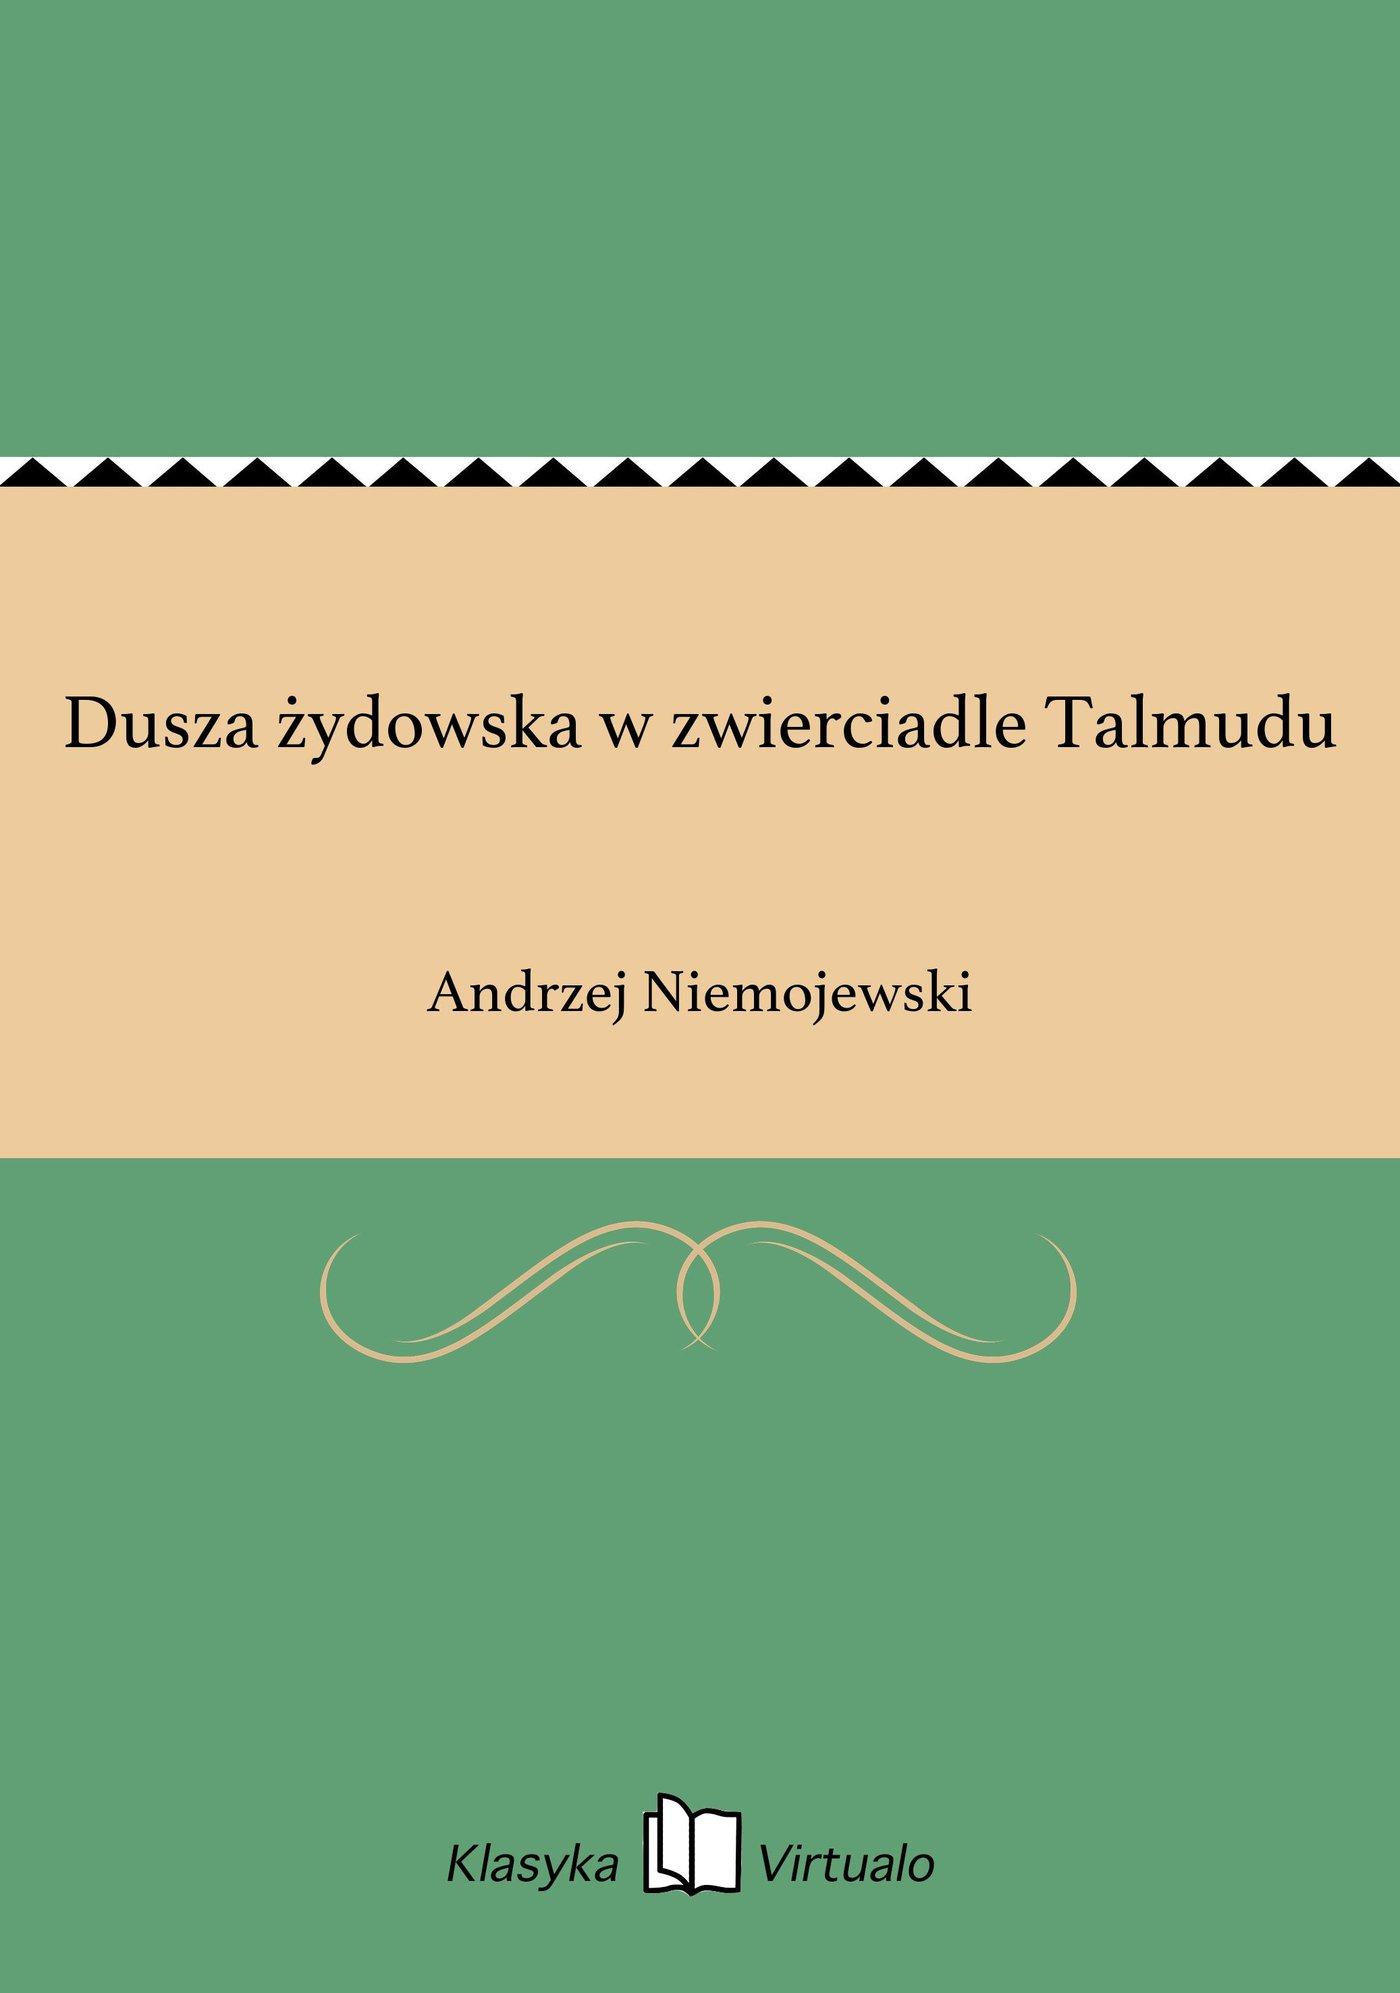 Dusza żydowska w zwierciadle Talmudu - Ebook (Książka na Kindle) do pobrania w formacie MOBI